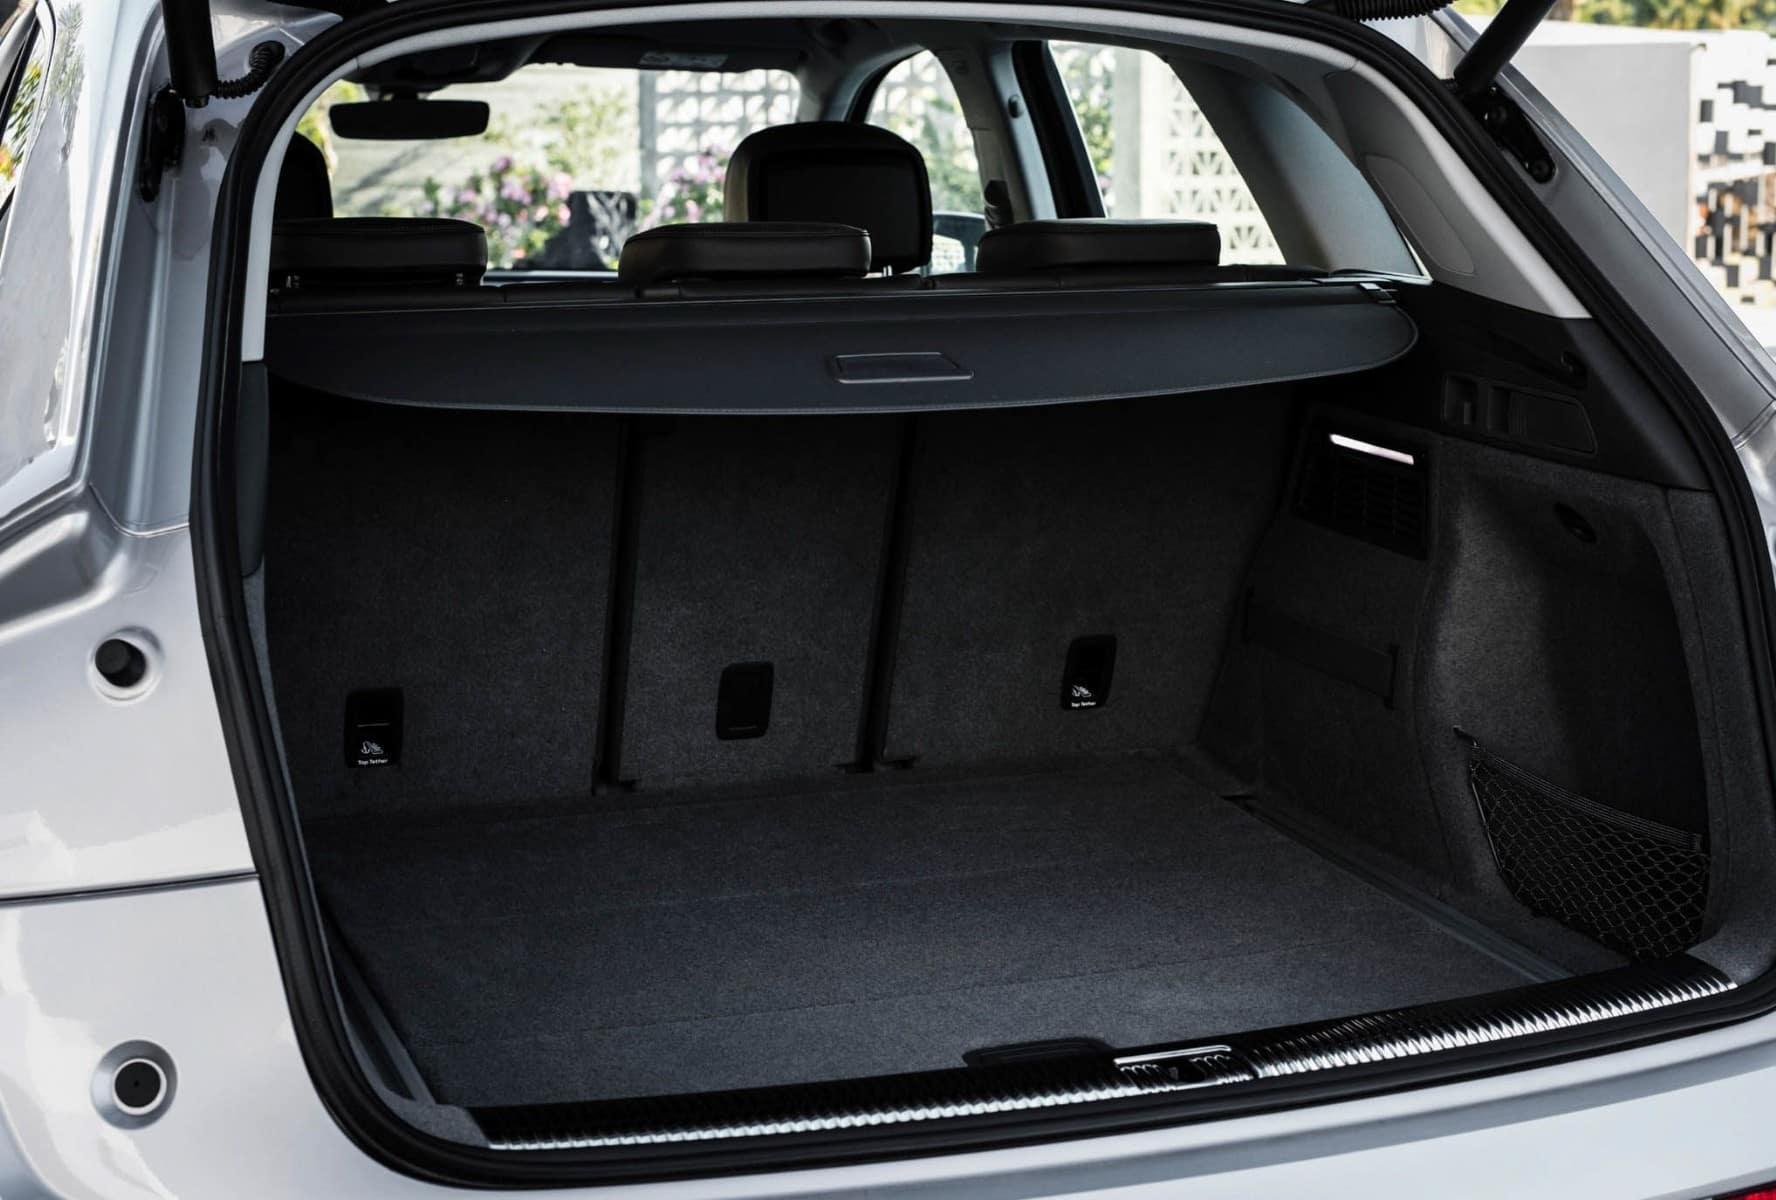 2019 Porsche Macan Vs 2019 Audi Q5 Beverly Hills Porsche